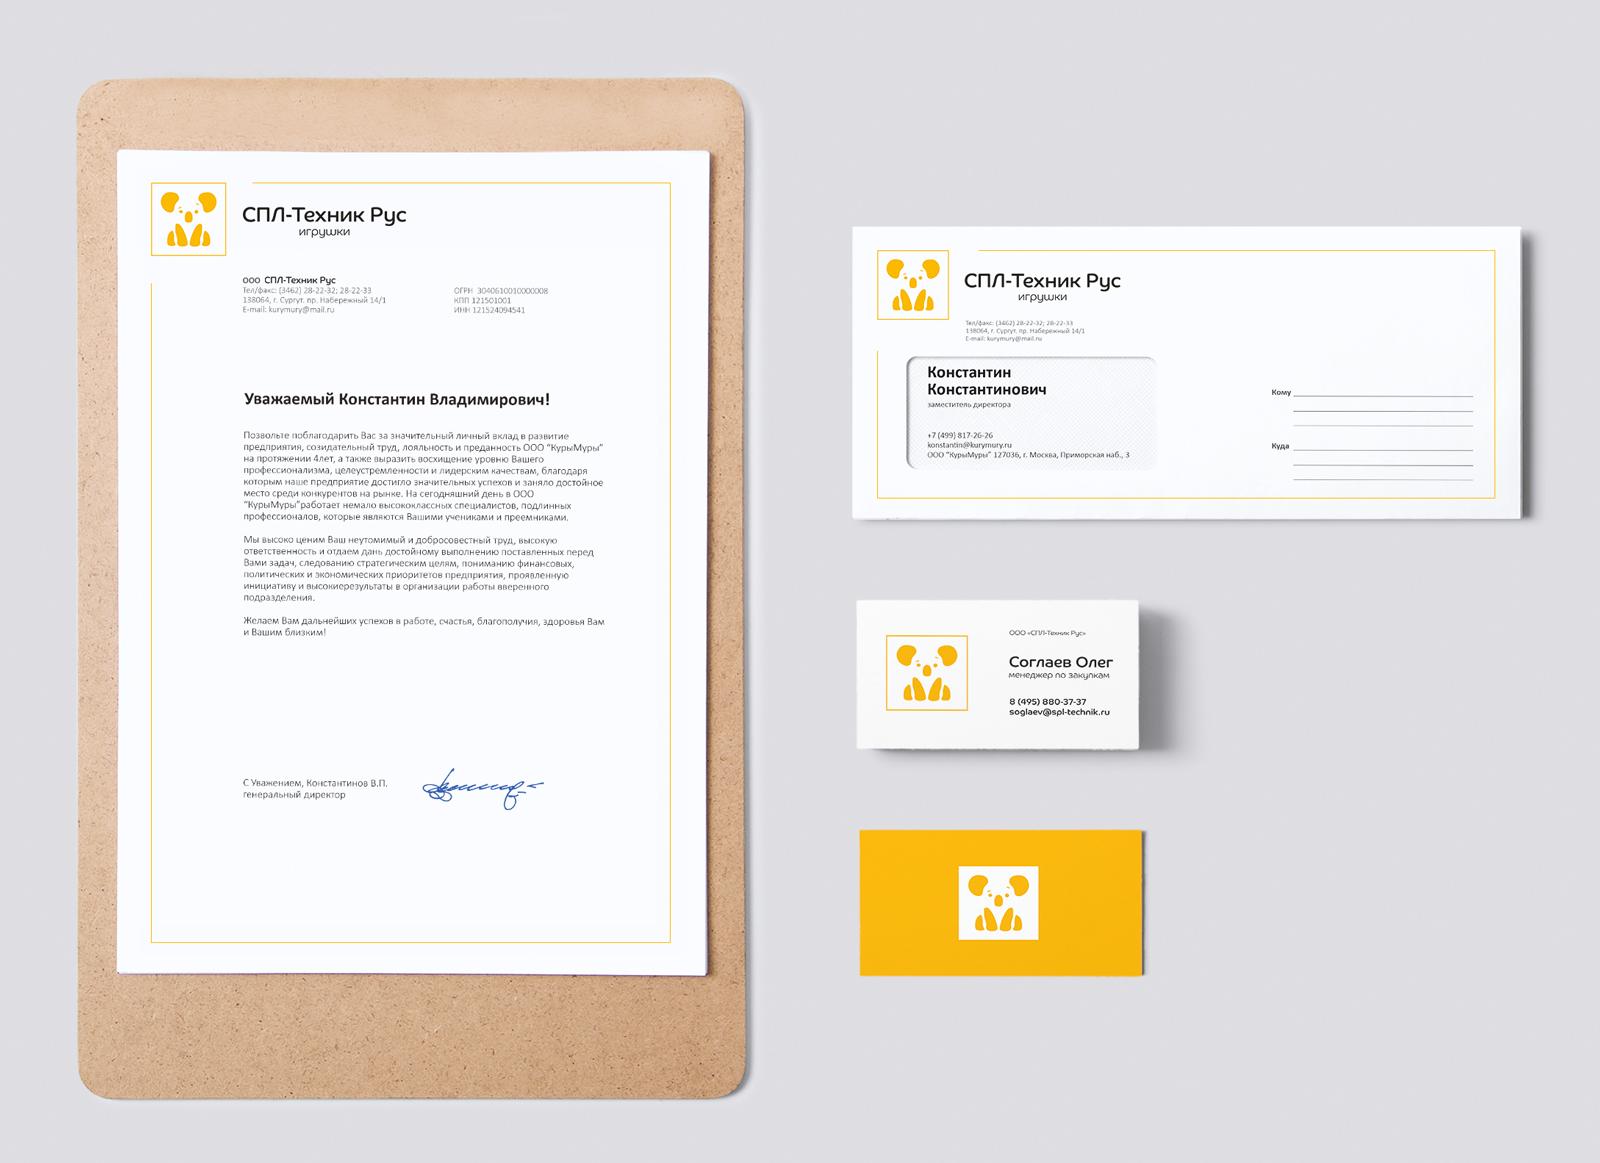 Разработка логотипа и фирменного стиля фото f_37959b005a3c7854.jpg